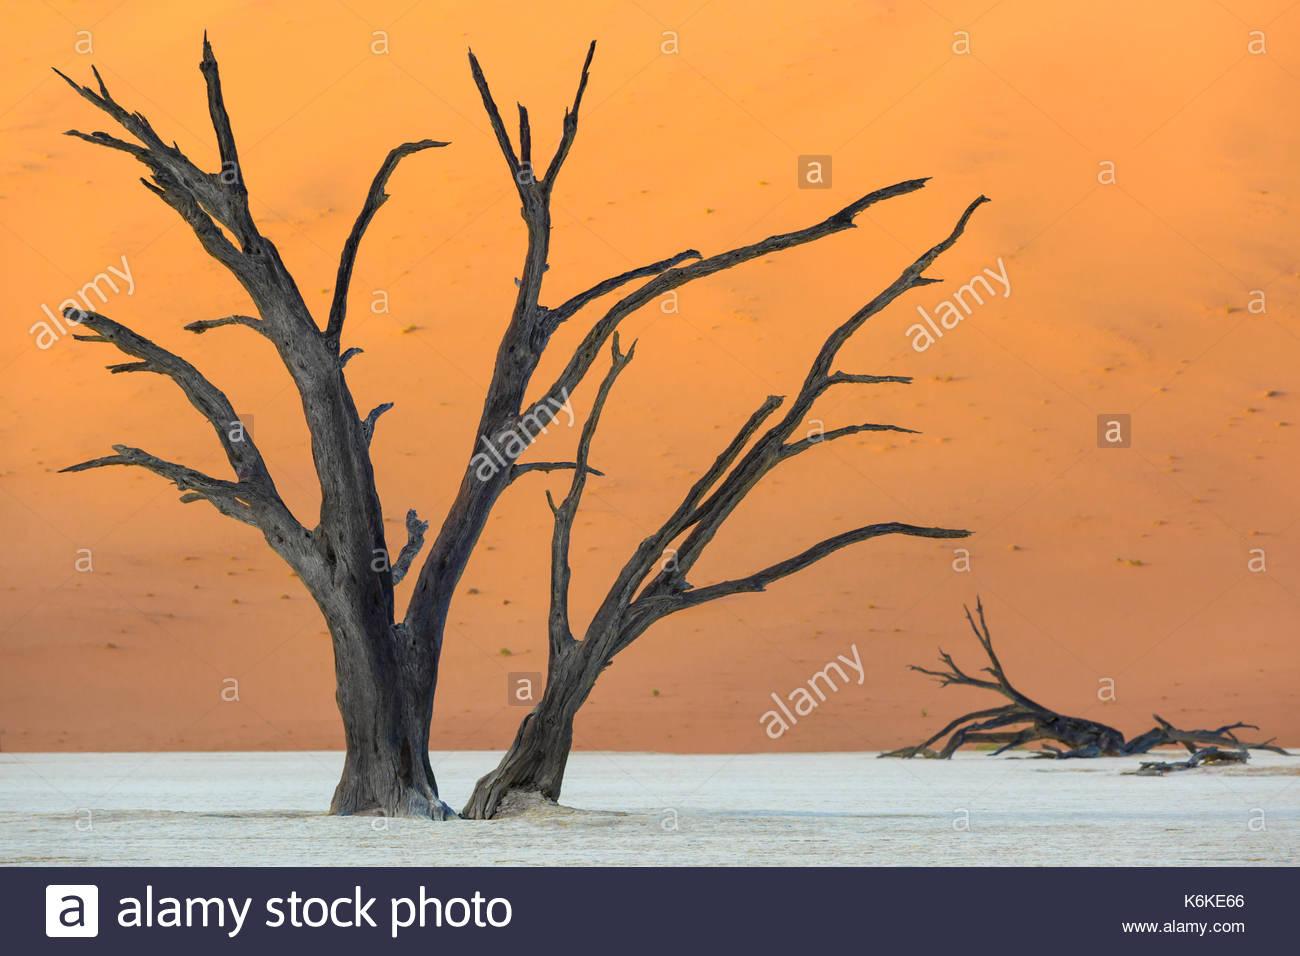 Sossusvlei, Namib Naukluft National Park, Namibia - Stock Image